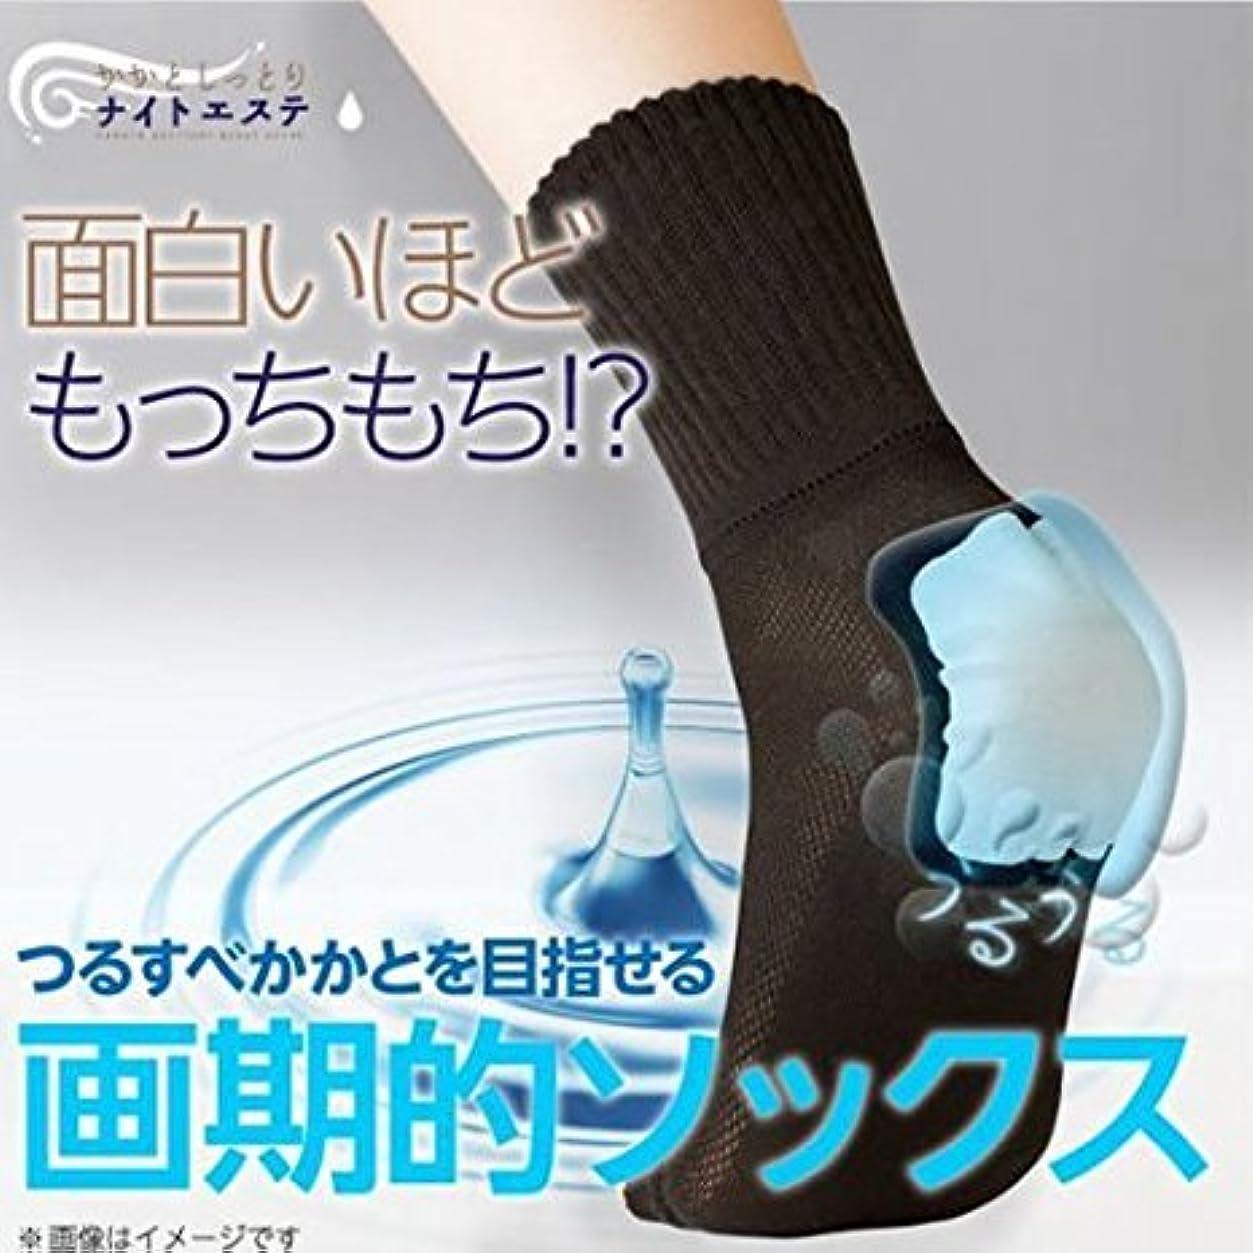 やろうスペクトラム麺特許取得済治療シート採用!『履くだけこっそりナイトエステ』 ガサガサ足、かかとのヒビ割れが気になるなら??